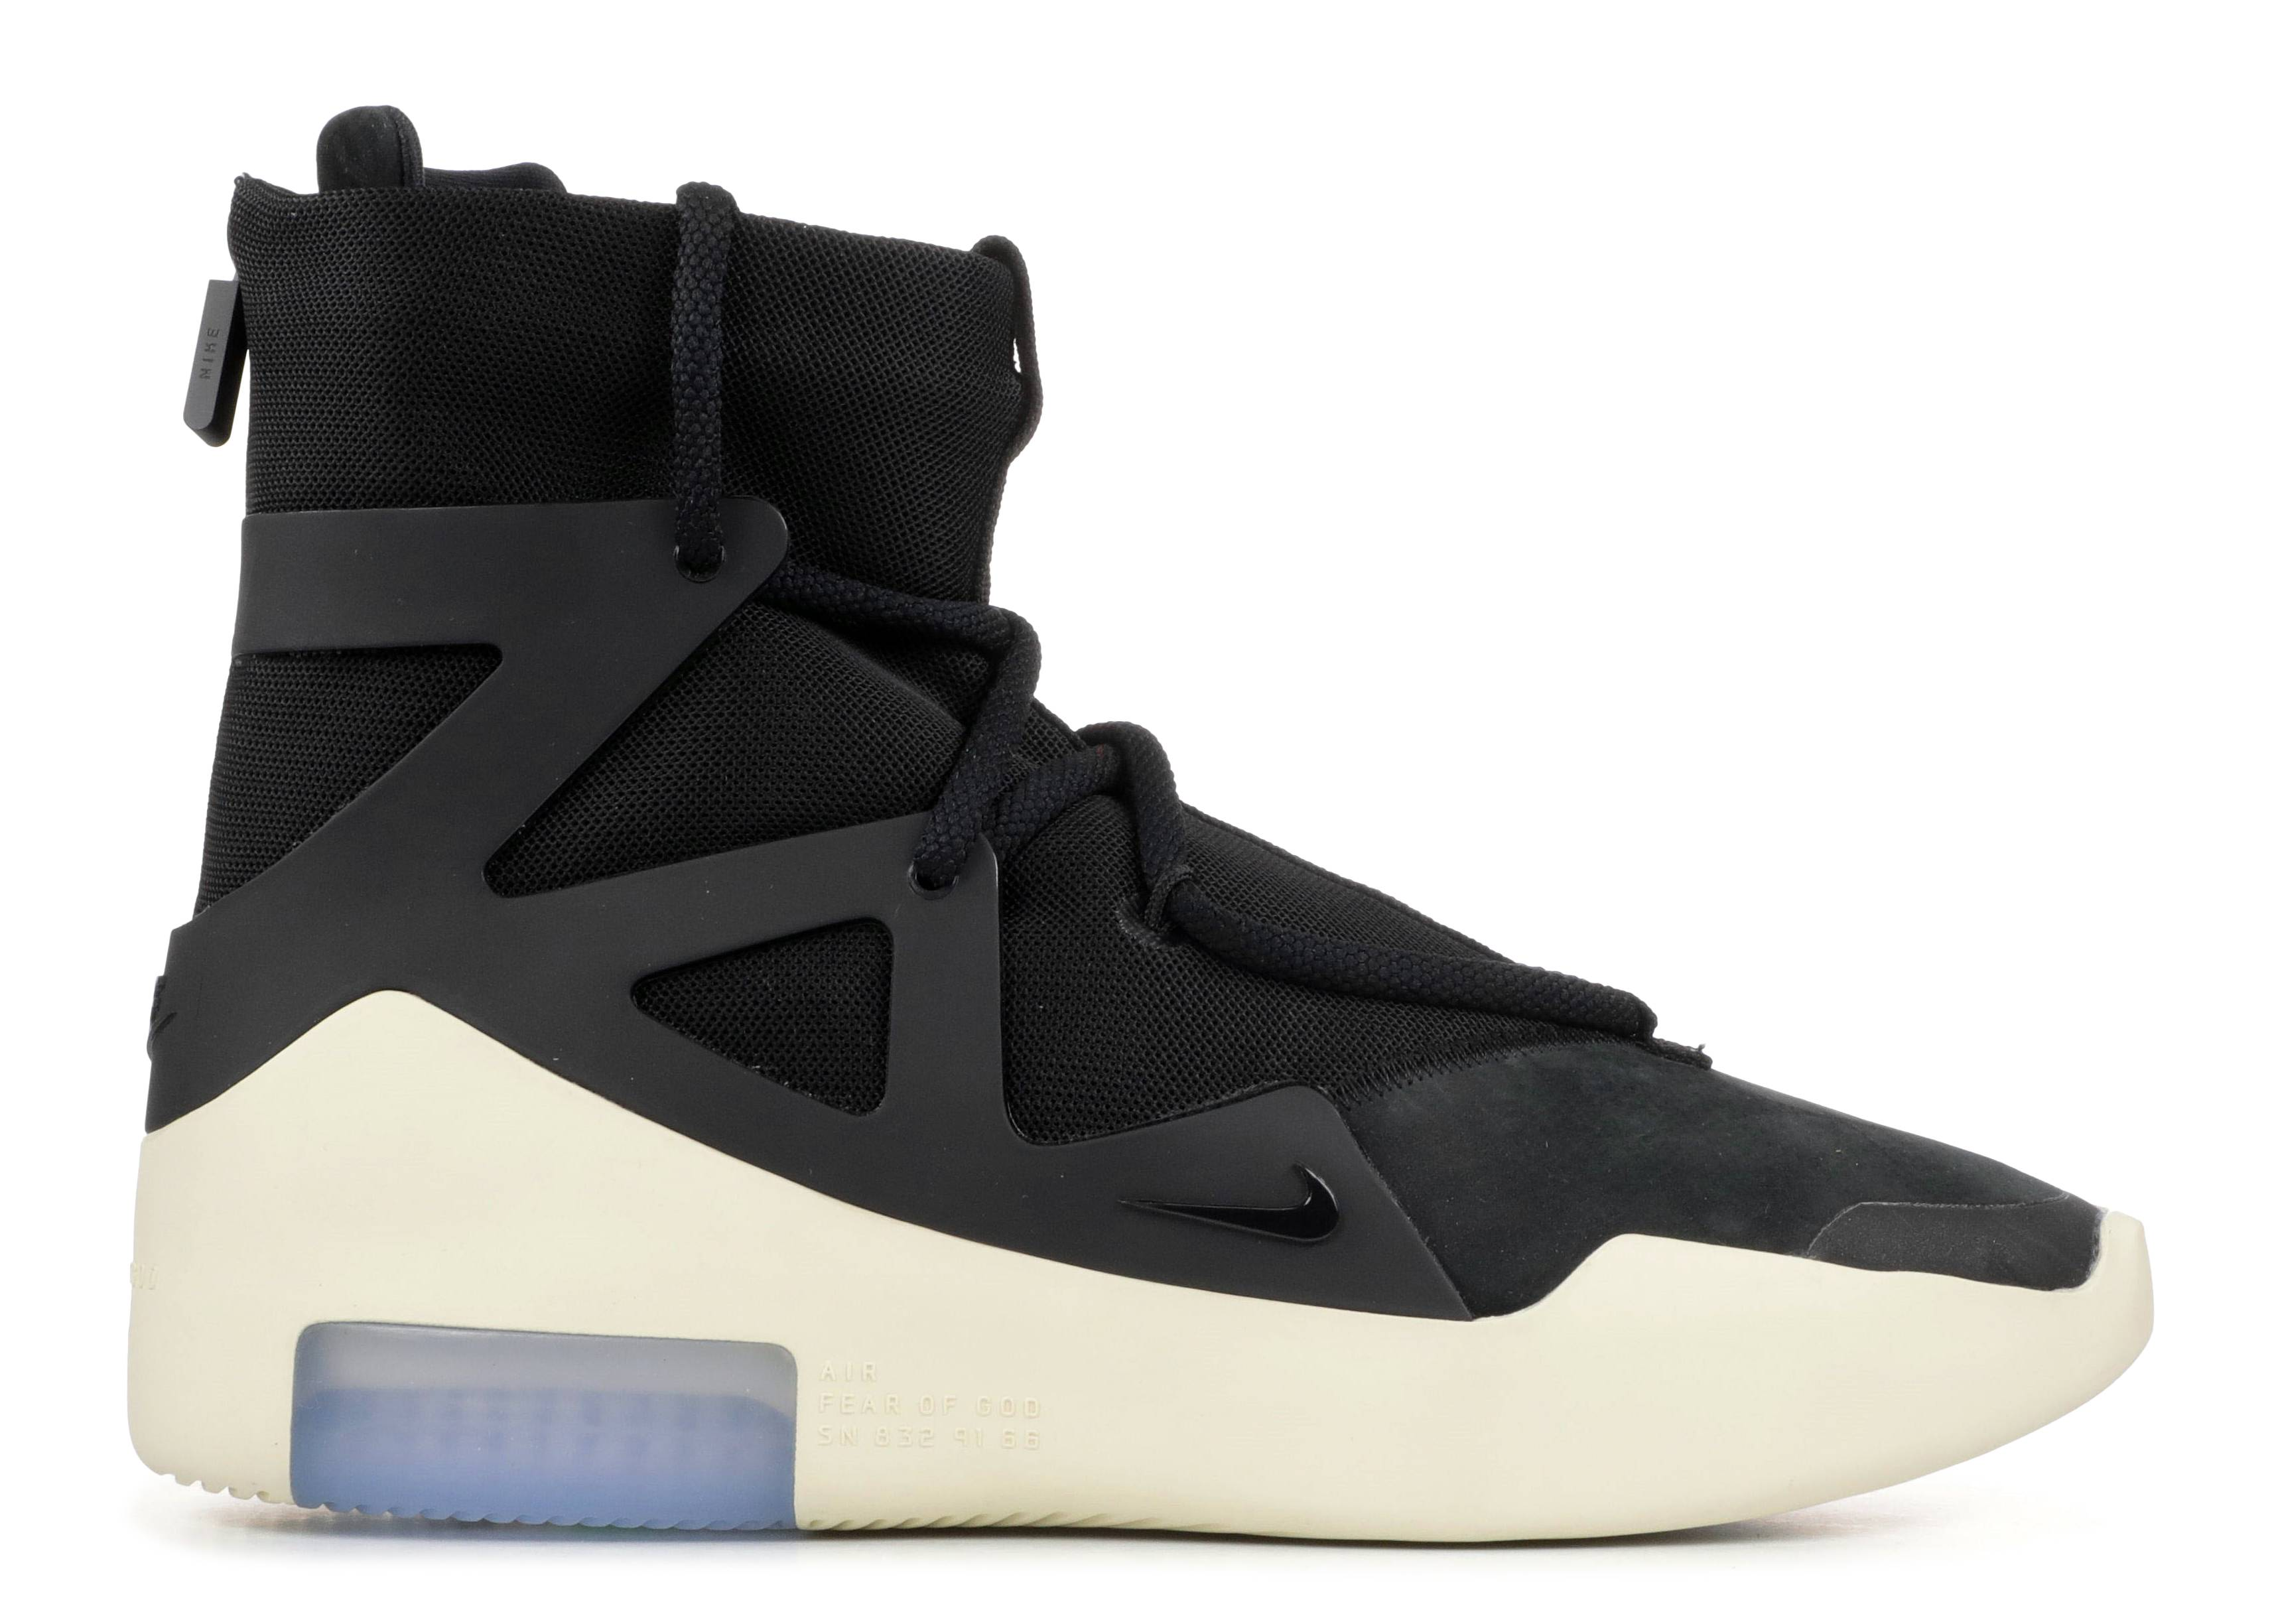 b24bd276a4fe0 Nike Air Fear Of God 1 - Nike - ar4237 001 - black/black | Flight Club